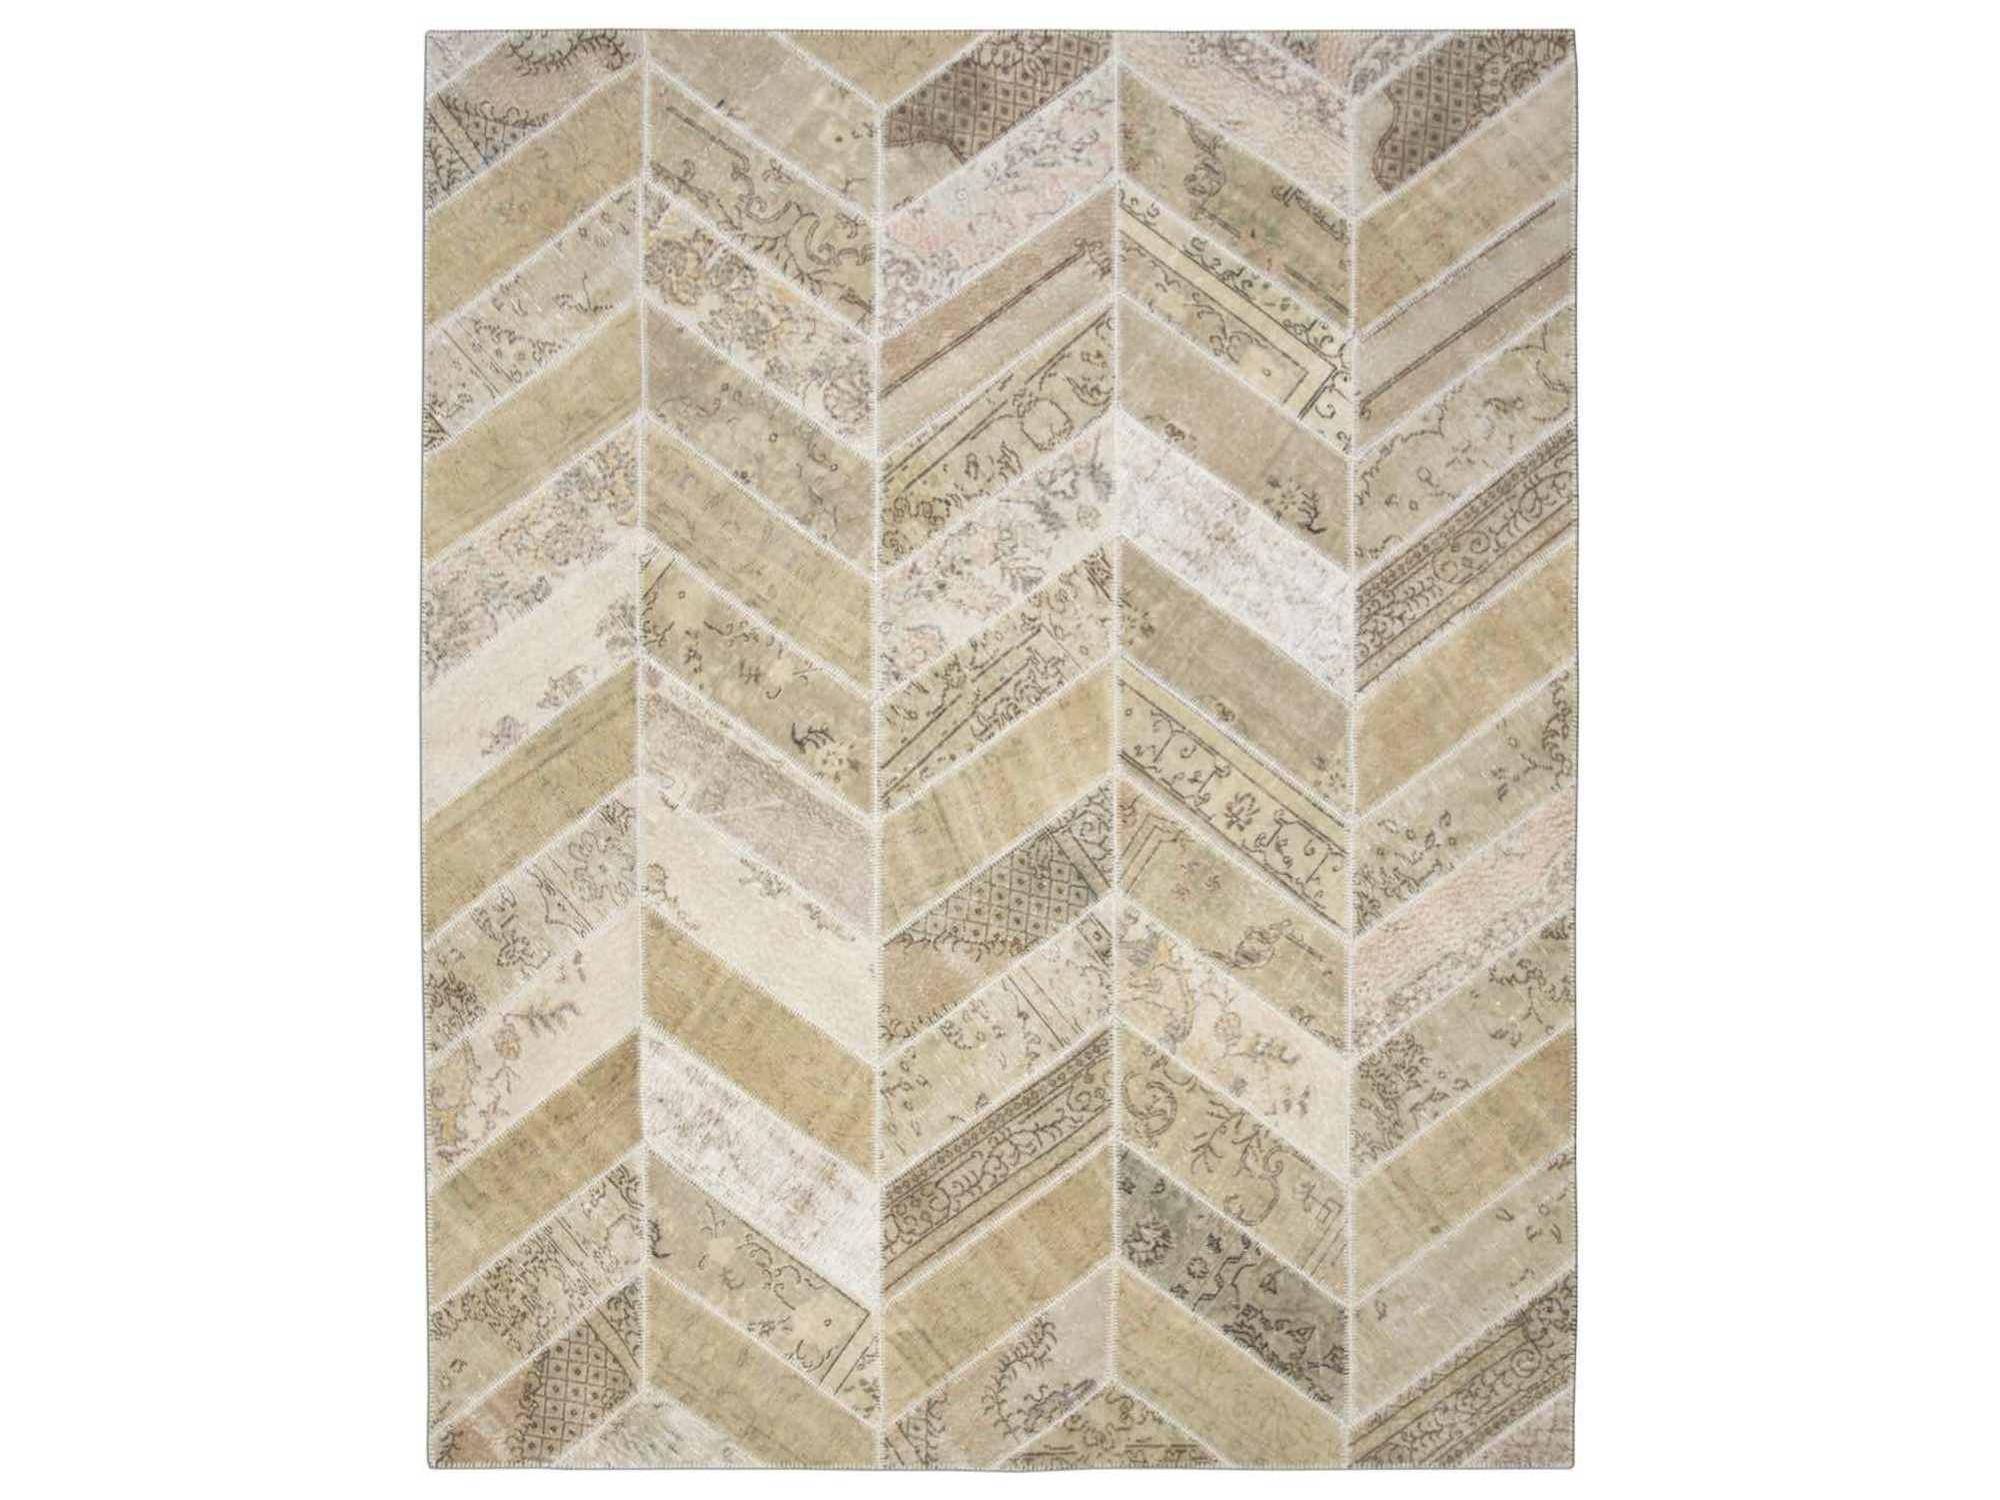 Ковер PatchworkПрямоугольные ковры<br>Винтажный ковер ручной работы в стиле &amp;quot;пэчворк&amp;quot; <br>из 100% шерсти. Ковер прекрасно подходит в <br>любые современные и классические интерьеры, <br>а благодаря толщине ковра всего 5 мм. и отсутствию <br>ворса, его легко чистить любыми видами пылесосов. <br>Этот настоящий ковер ручной работы не потеряет <br>своих красок и будет служить десятилетия.<br><br>Material: Шерсть<br>Ширина см: 246<br>Глубина см: 309